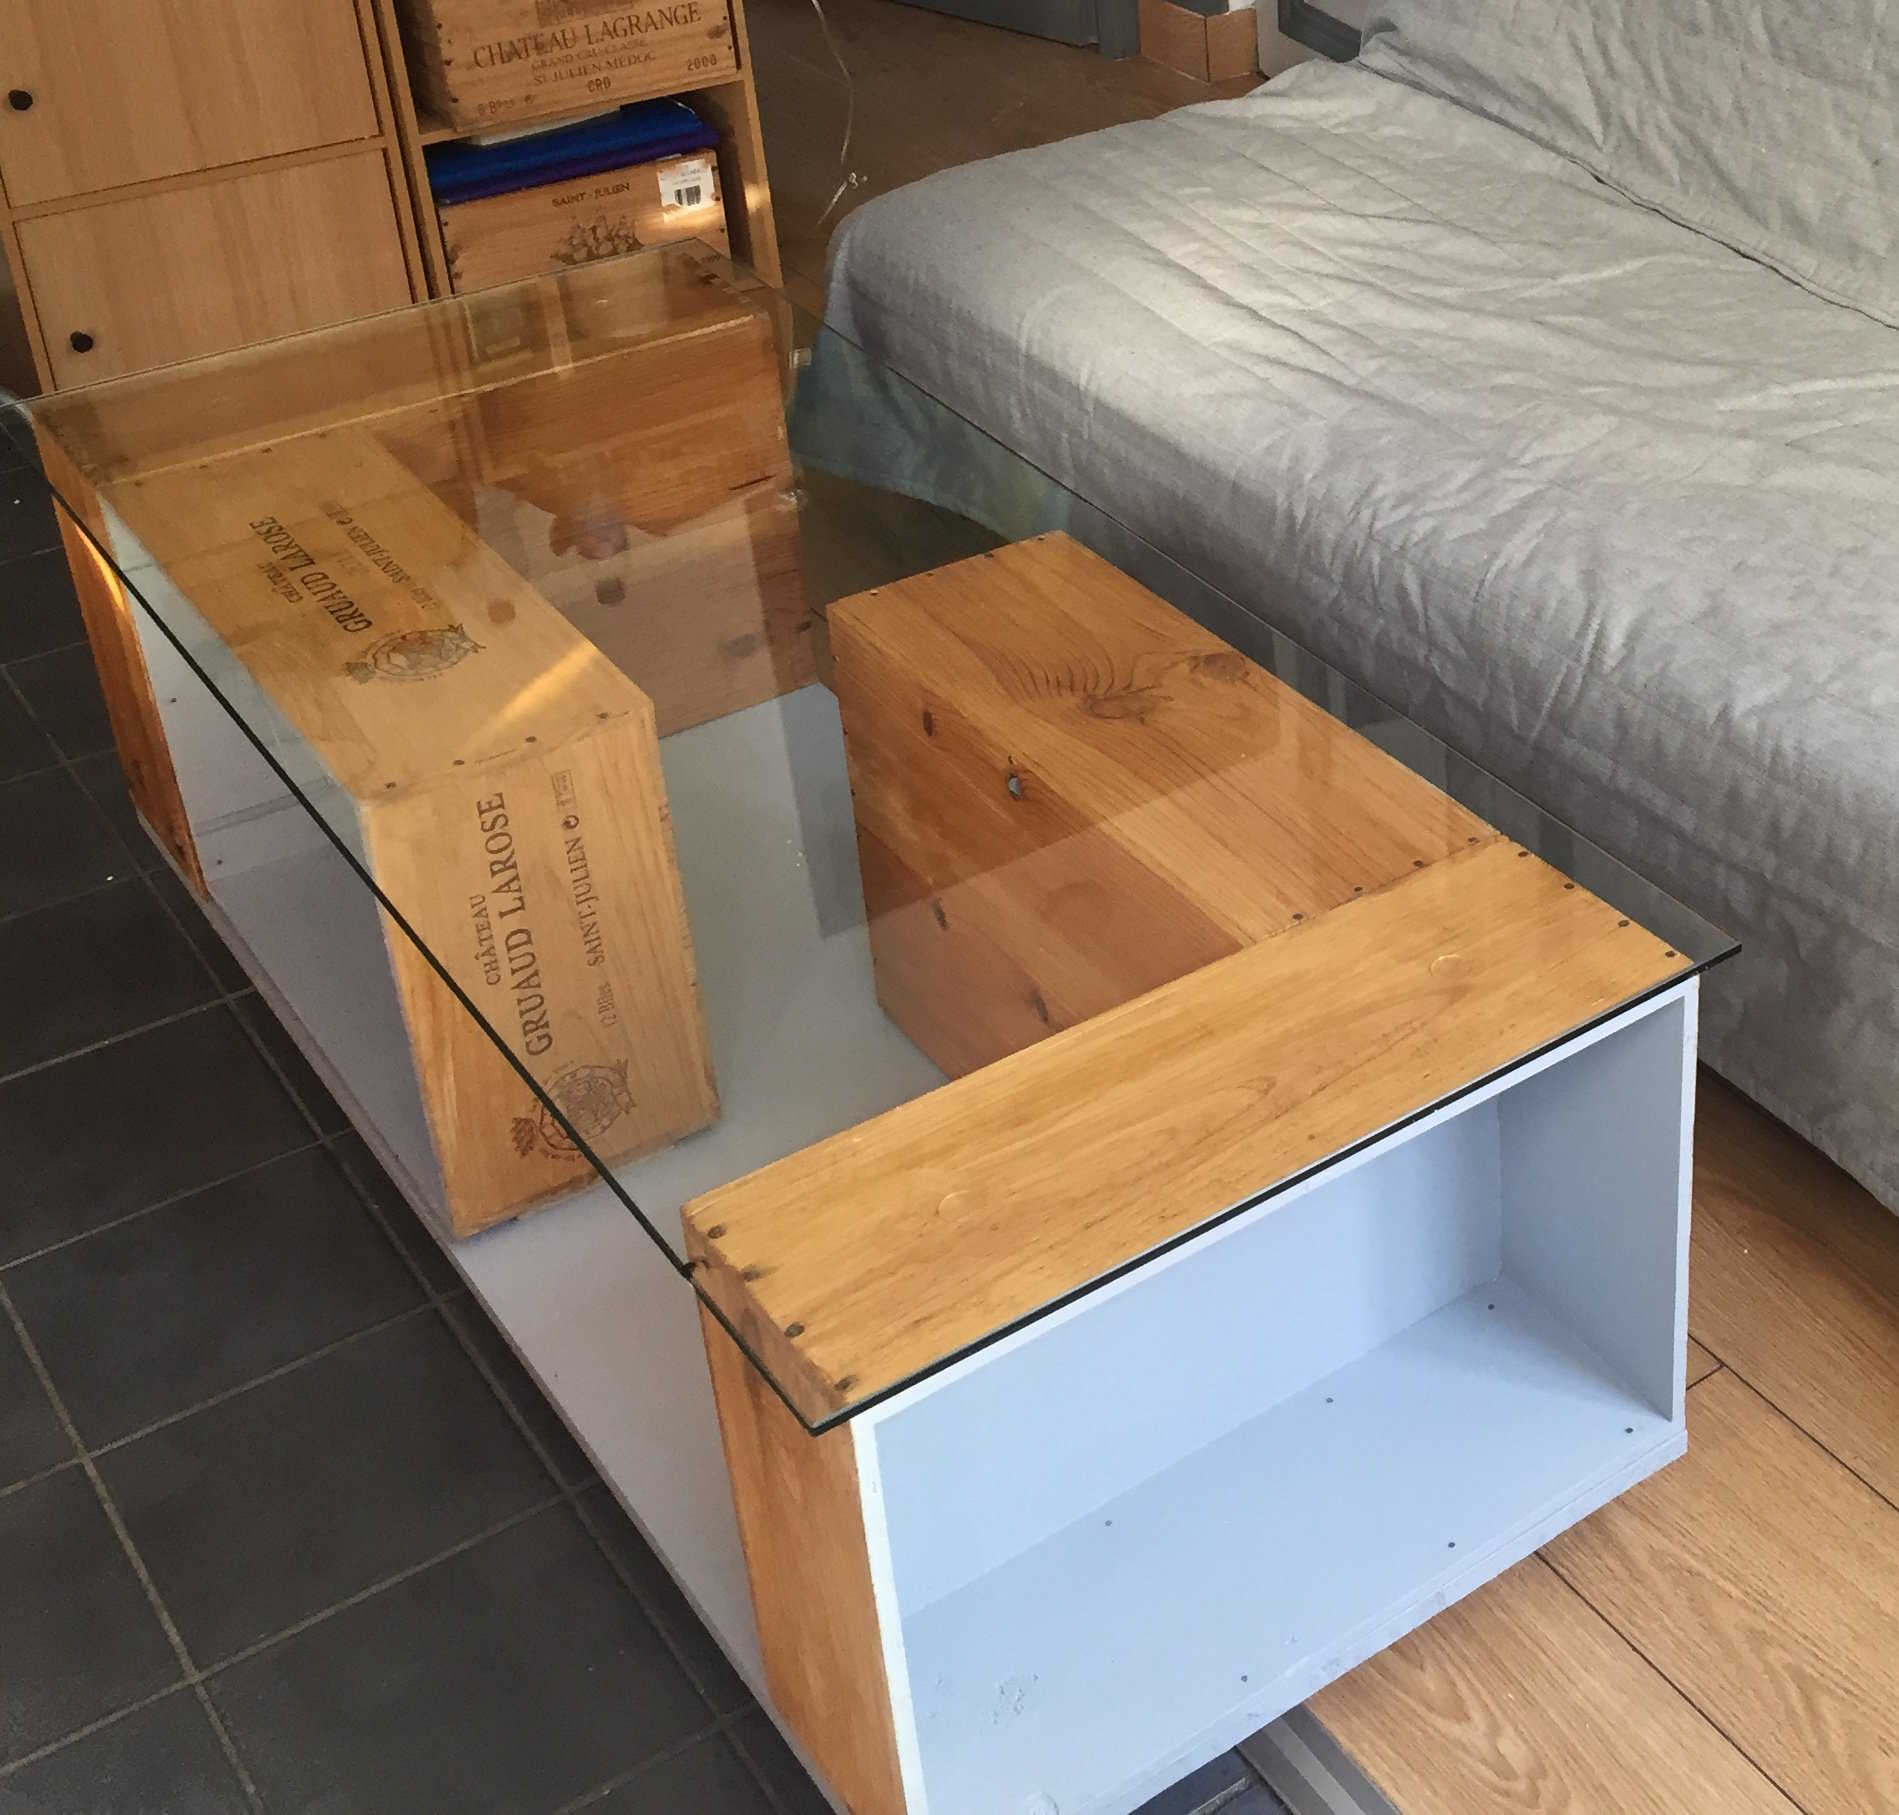 Table basse partir de caisses vin for Table basse caisse en bois